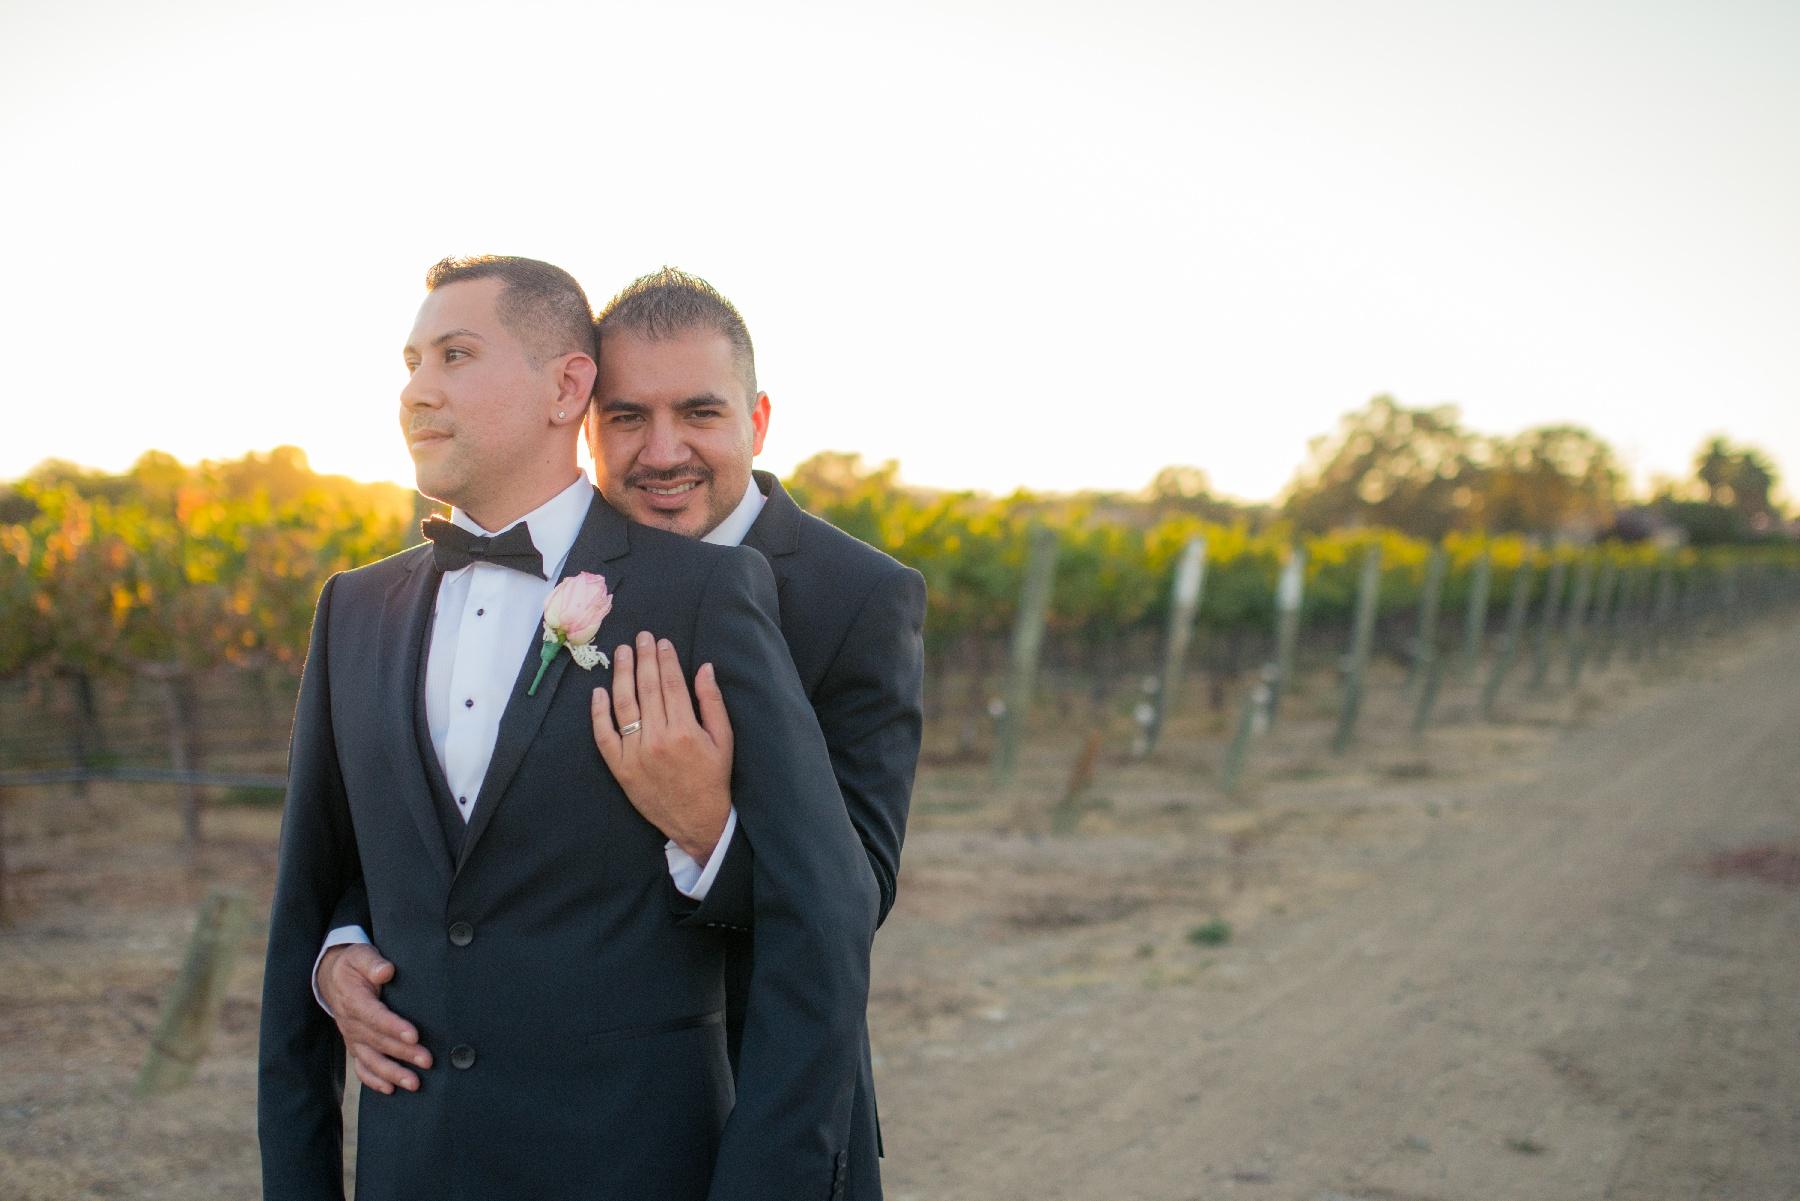 hugo and jimmy wedding 2014-10-05 37